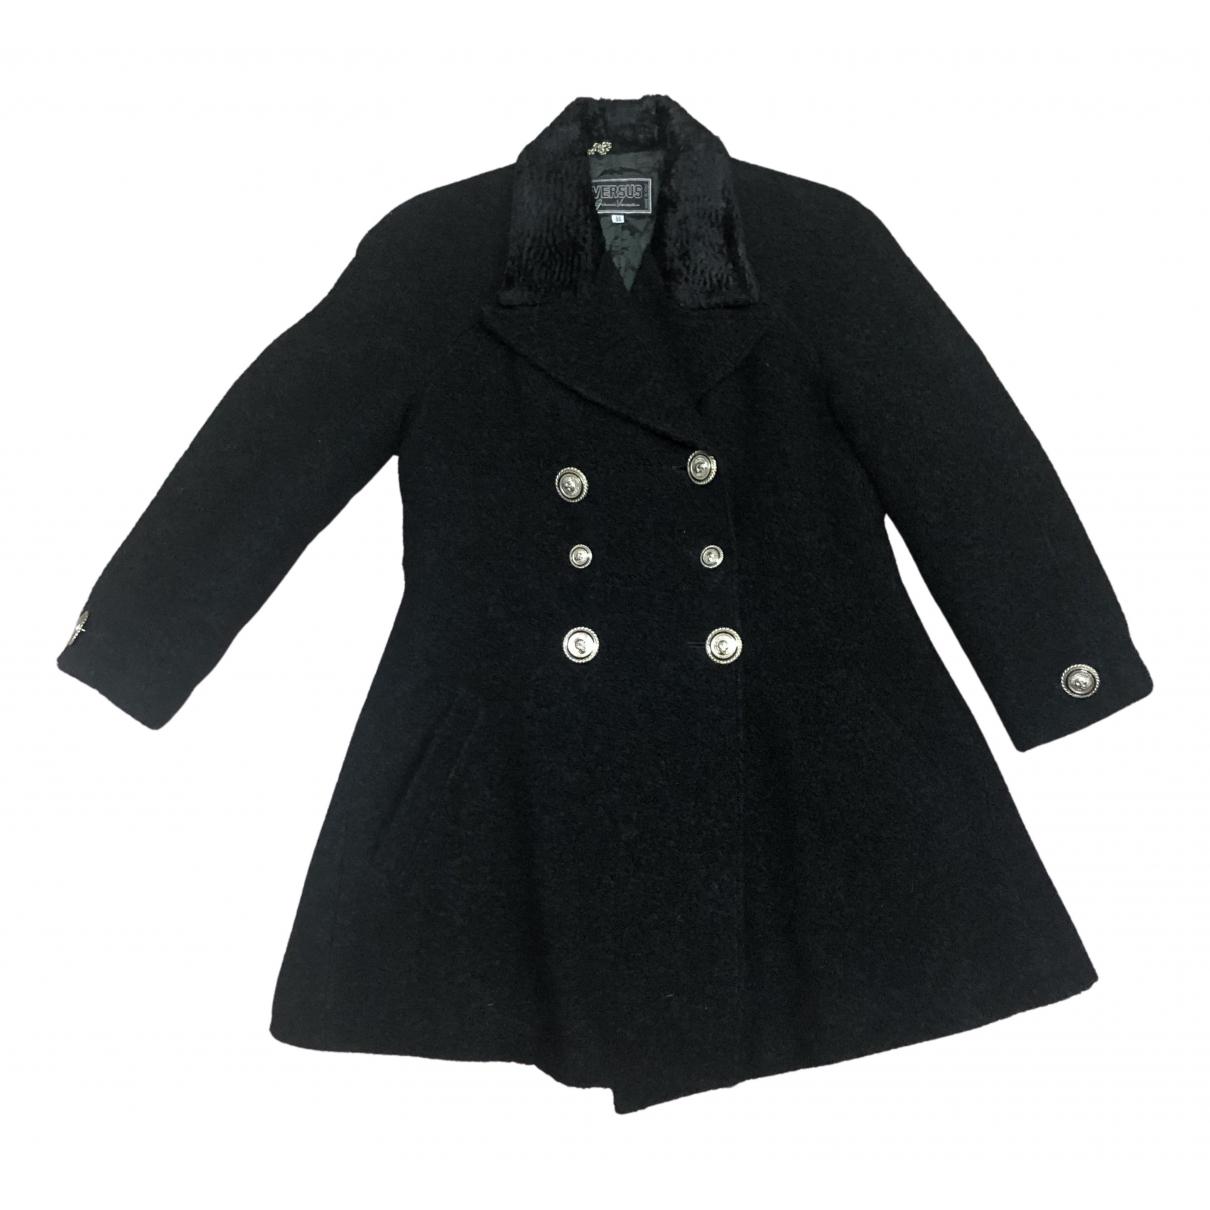 Versus - Manteau   pour femme en laine - noir